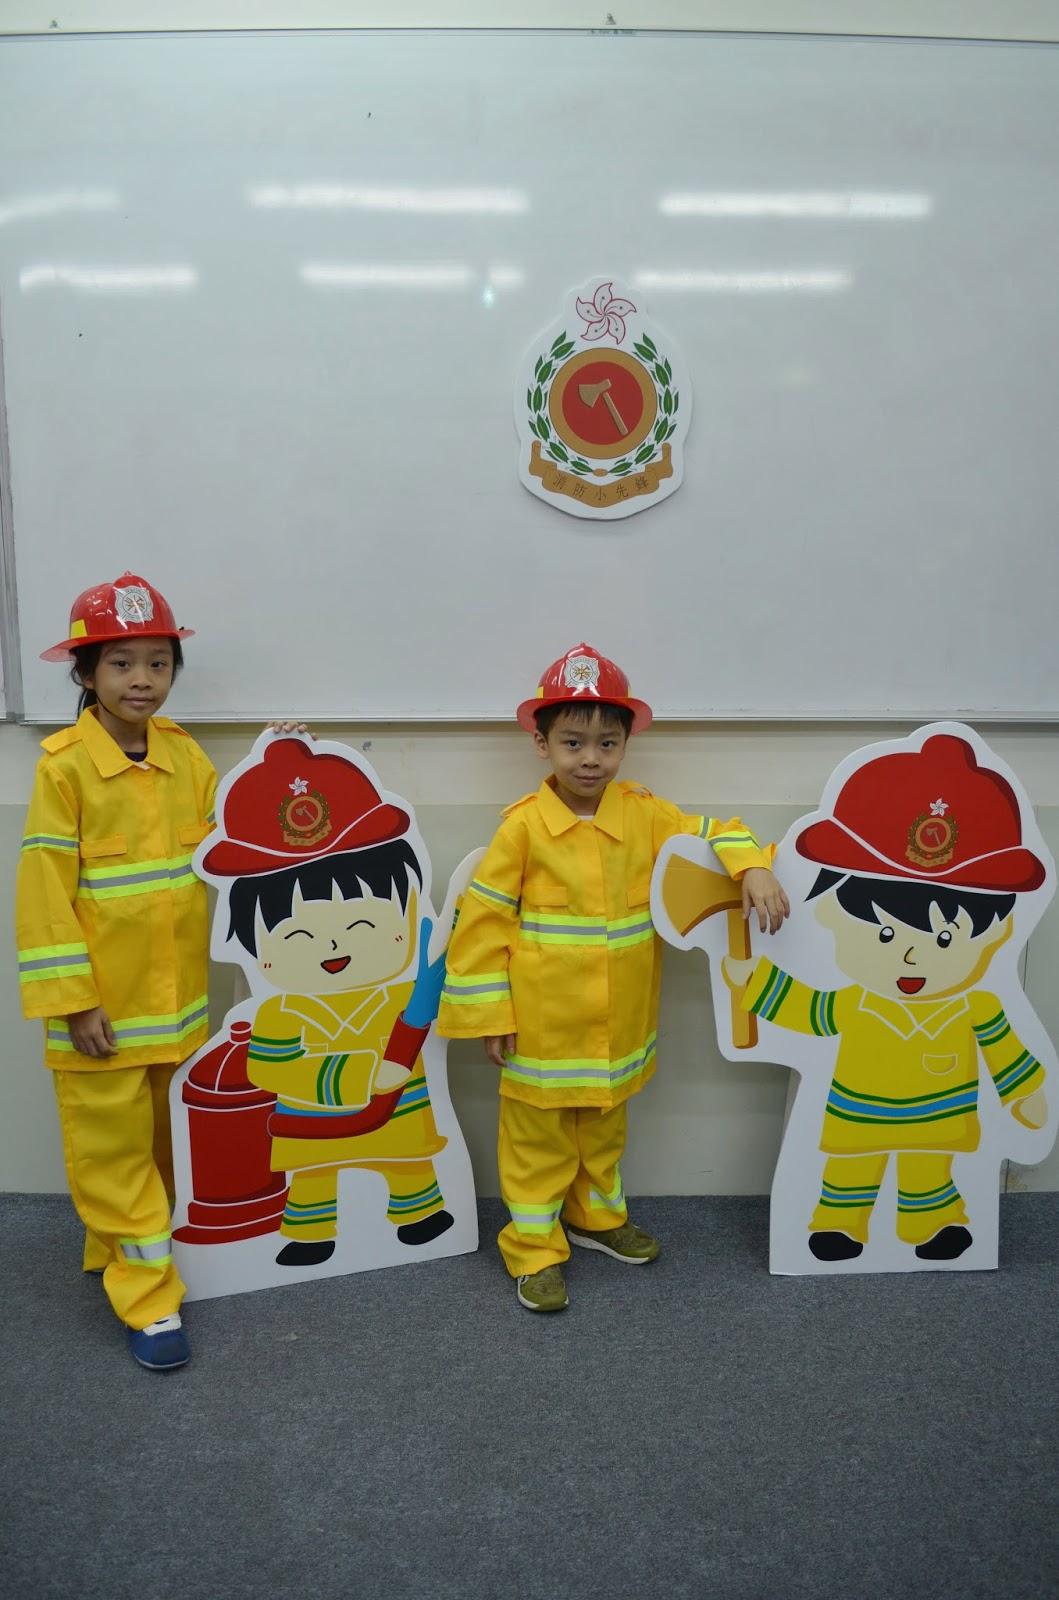 遠近慈明: 小小消防員